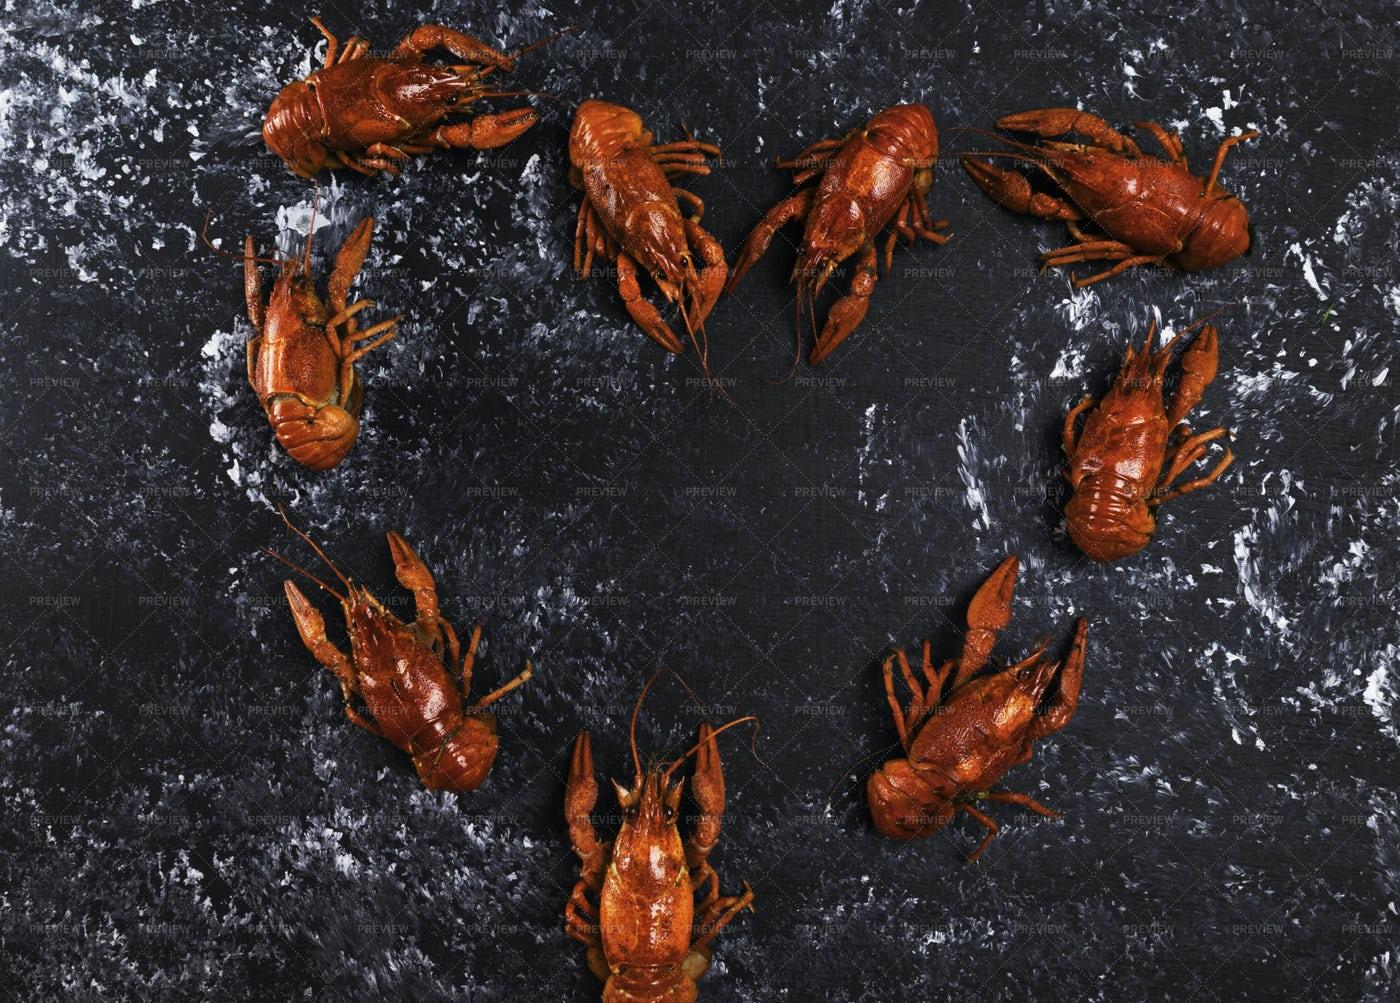 Crayfish Love: Stock Photos